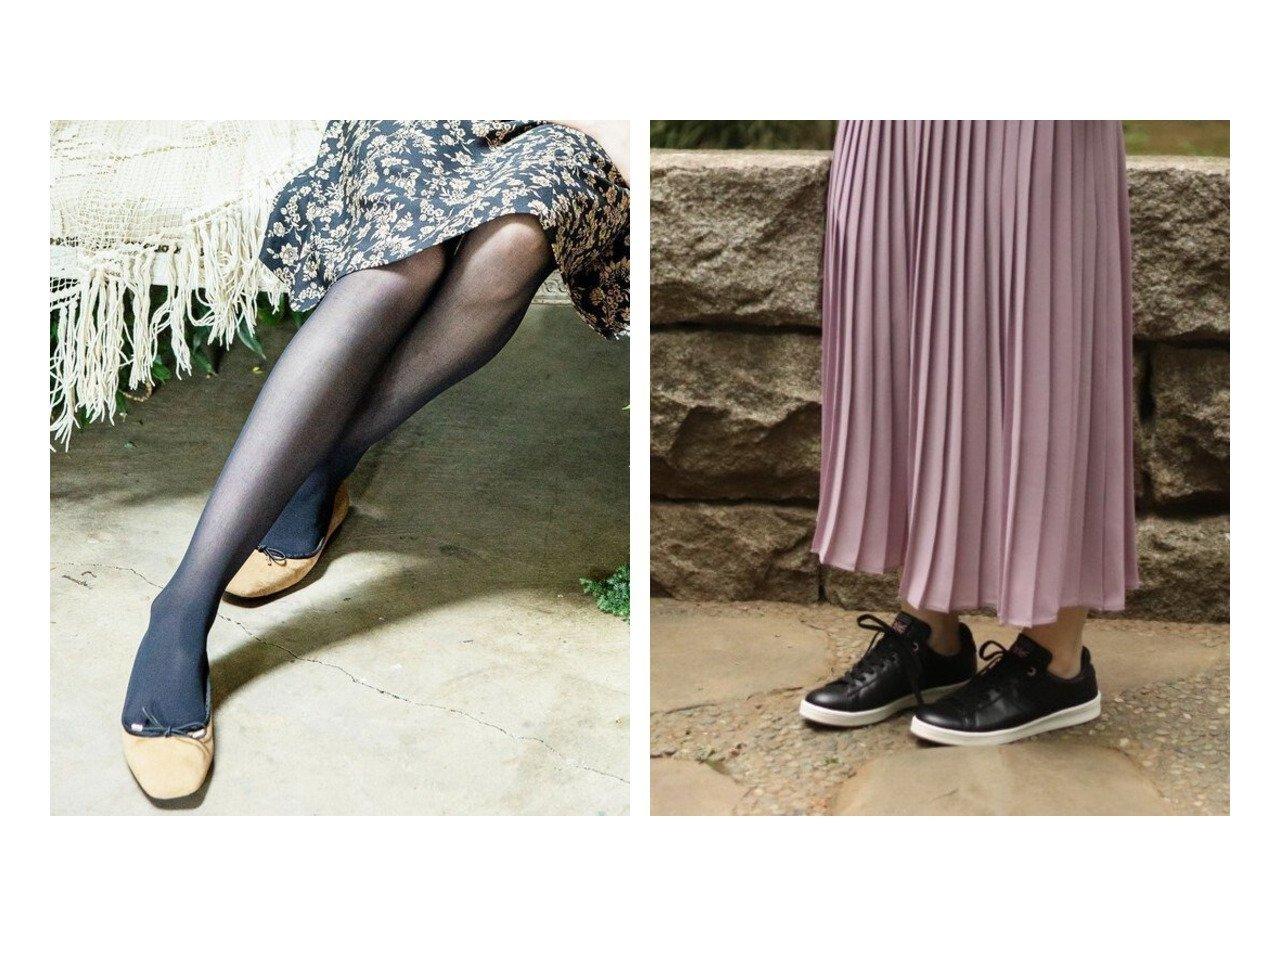 【Admiral Footwear/アドミラルフットウェア】の【WOMEN】【MEN】【人気定番】【スニーカー】 バークレー&【TOCCA/トッカ】のBALLERINA FLAT SHOES フラットシューズ シューズ・靴のおすすめ!人気、レディースファッションの通販  おすすめで人気のファッション通販商品 インテリア・家具・キッズファッション・メンズファッション・レディースファッション・服の通販 founy(ファニー) https://founy.com/ ファッション Fashion レディース WOMEN クッション シューズ バレエ フィット フラット リバーシブル シンプル スニーカー 人気 今季 定番 |ID:crp329100000004104